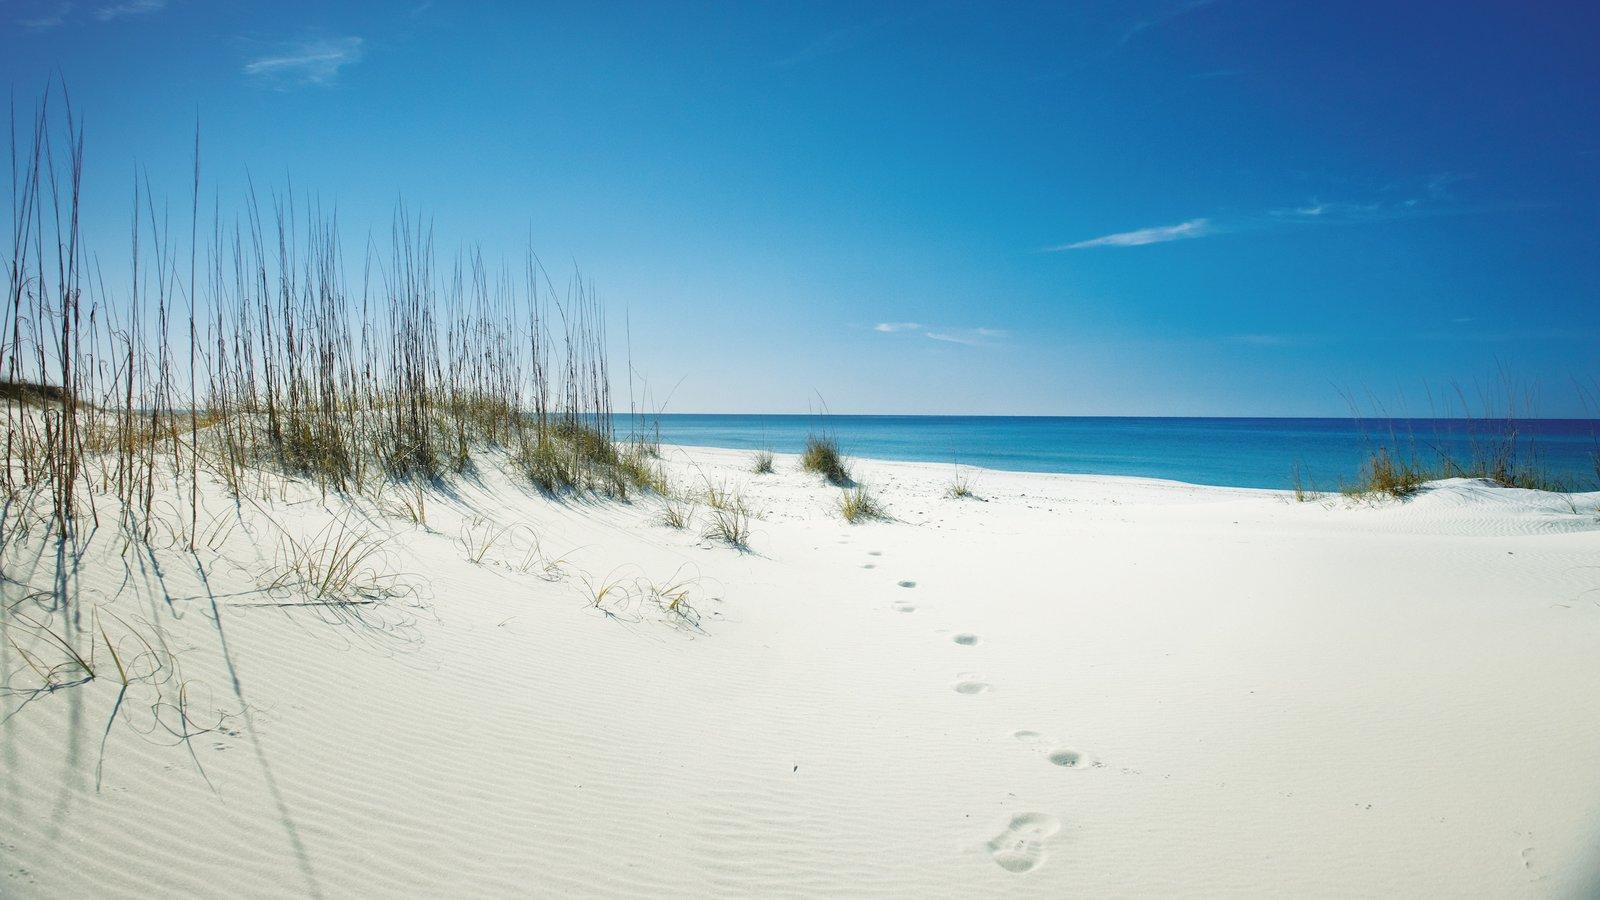 Panama City Beach que inclui paisagem e uma praia